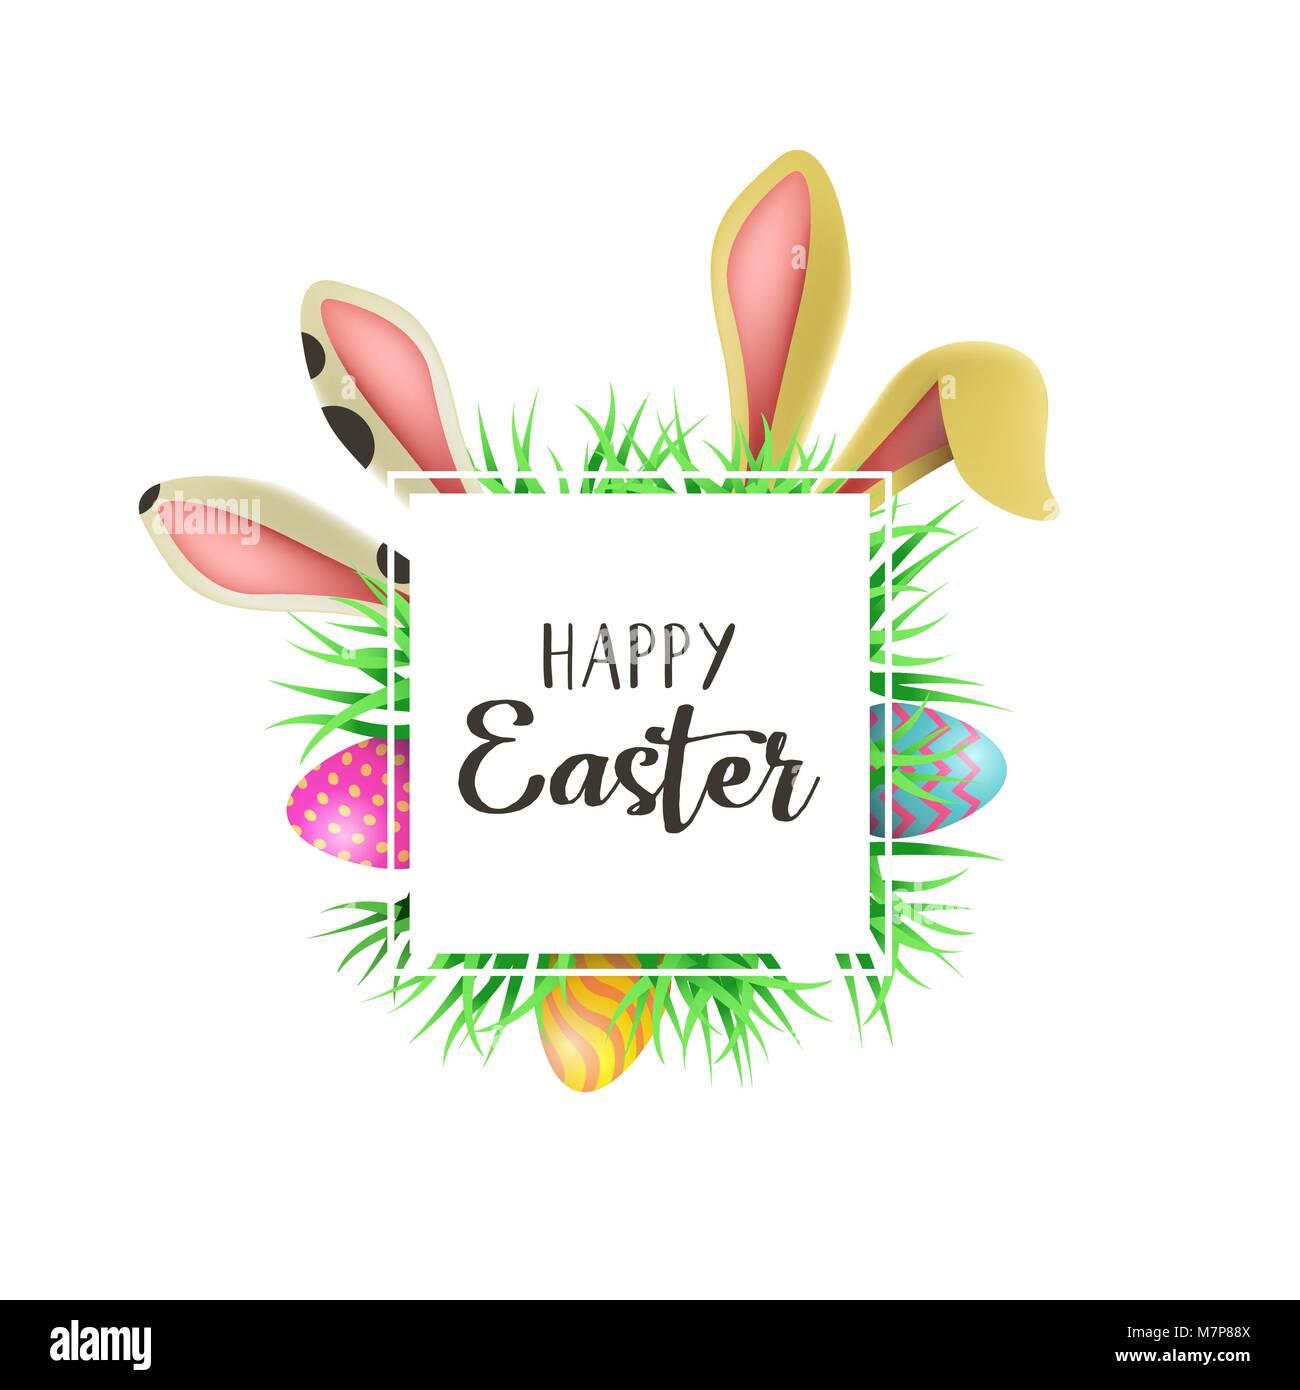 Frohe Ostern Grußkarte Abbildung Mit Niedlichen Kaninchen Ohren Und